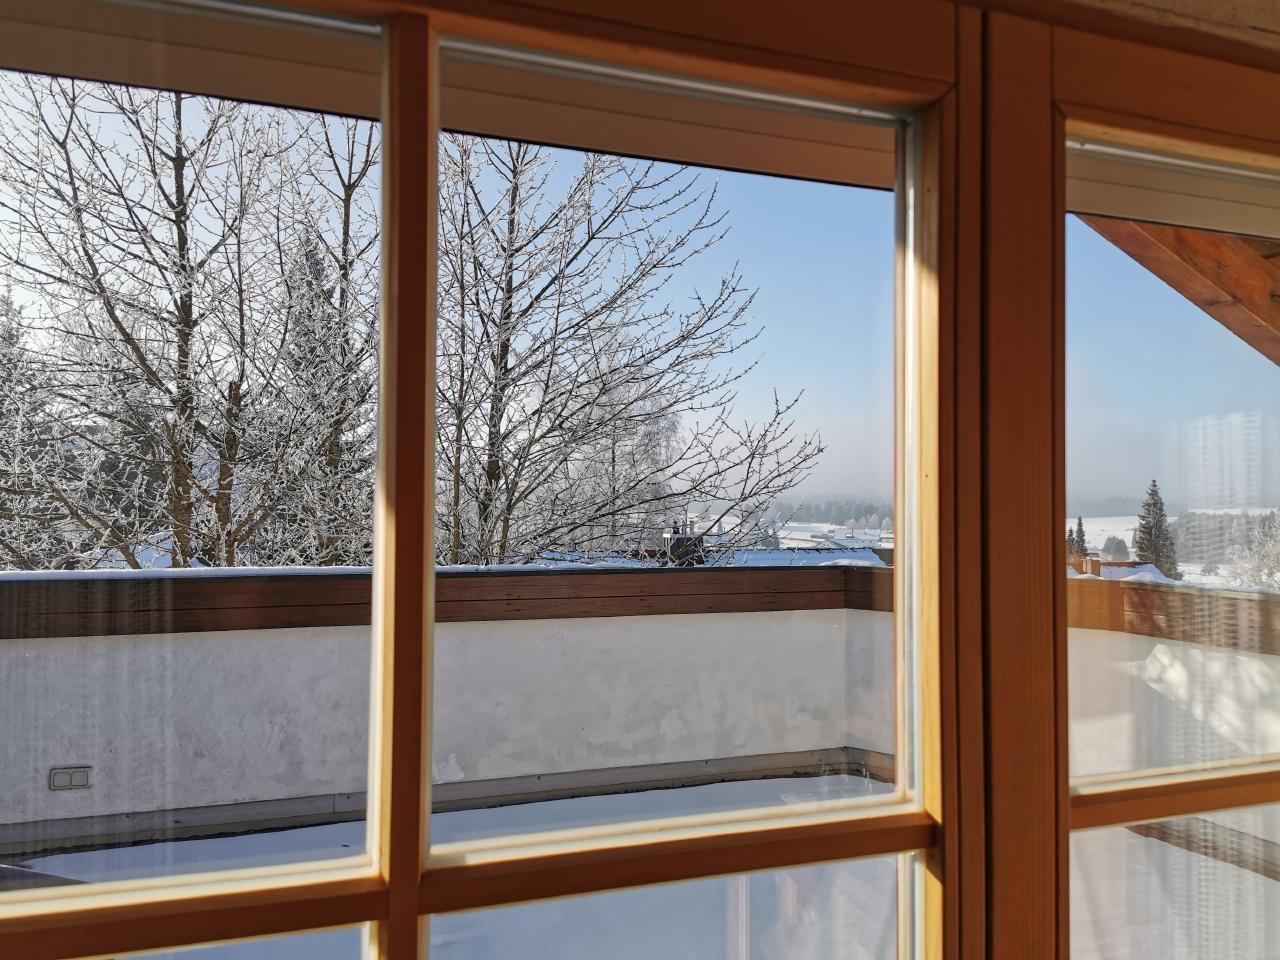 Ferienwohnung Haus Haidweg Wohnung 5 - 3 Zimmer, ca. 90 m² für 2-6 Personen im Dachgeschoss mit Balkon u (238755), Haidmühle, Bayerischer Wald, Bayern, Deutschland, Bild 15